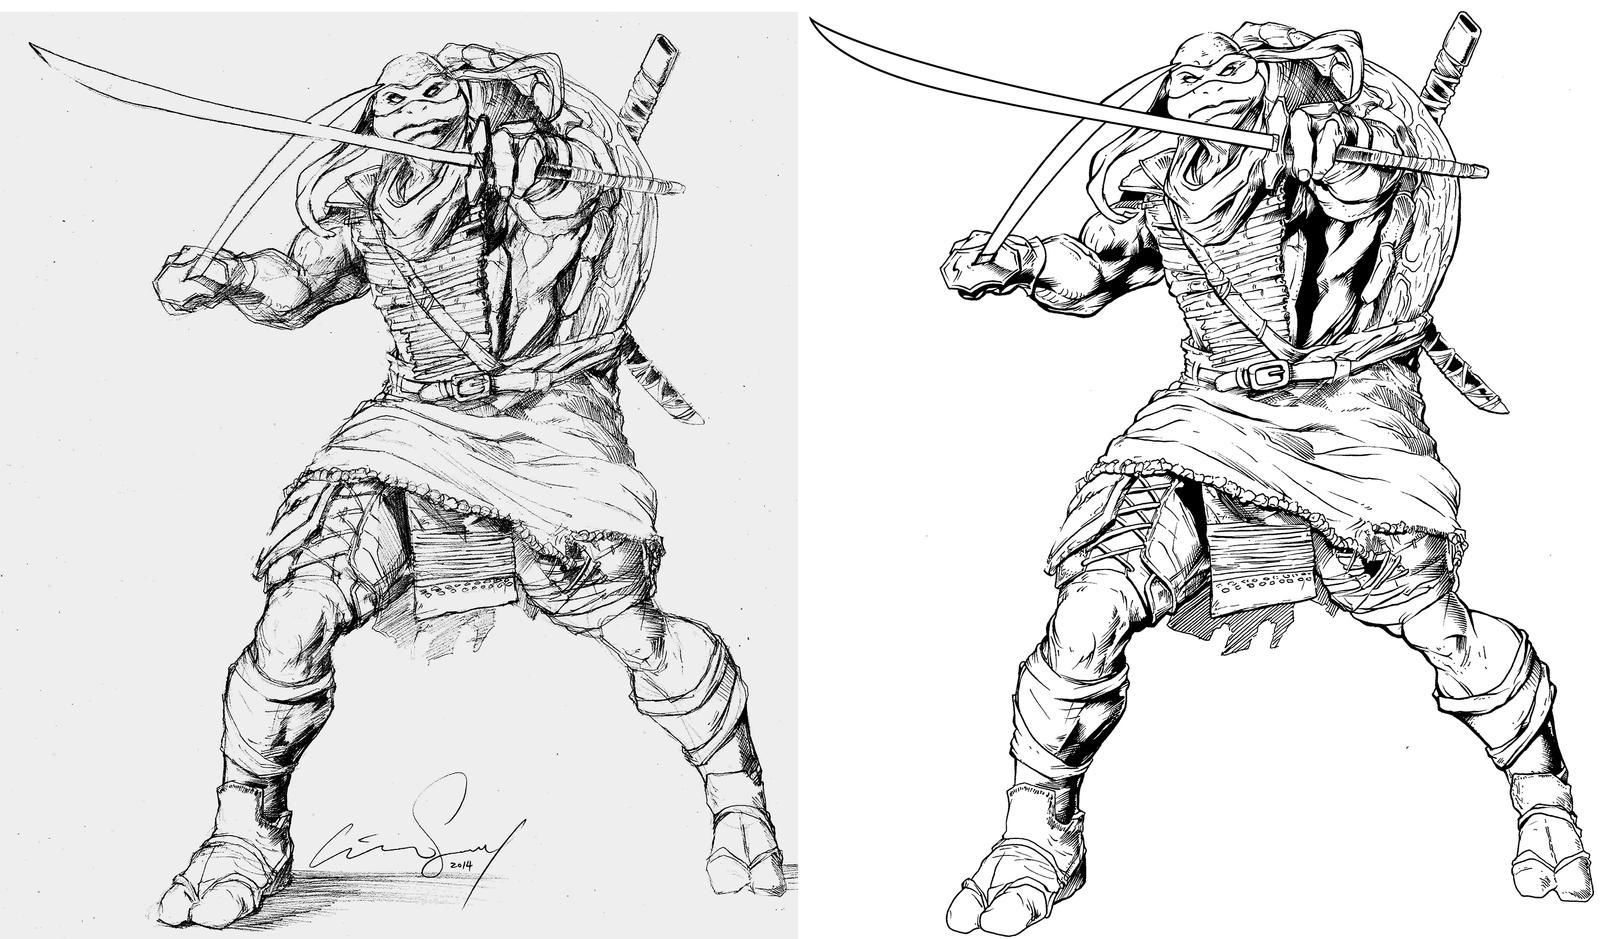 of the Teenage Mutant Ninja Turtles by Cadre on DeviantArt